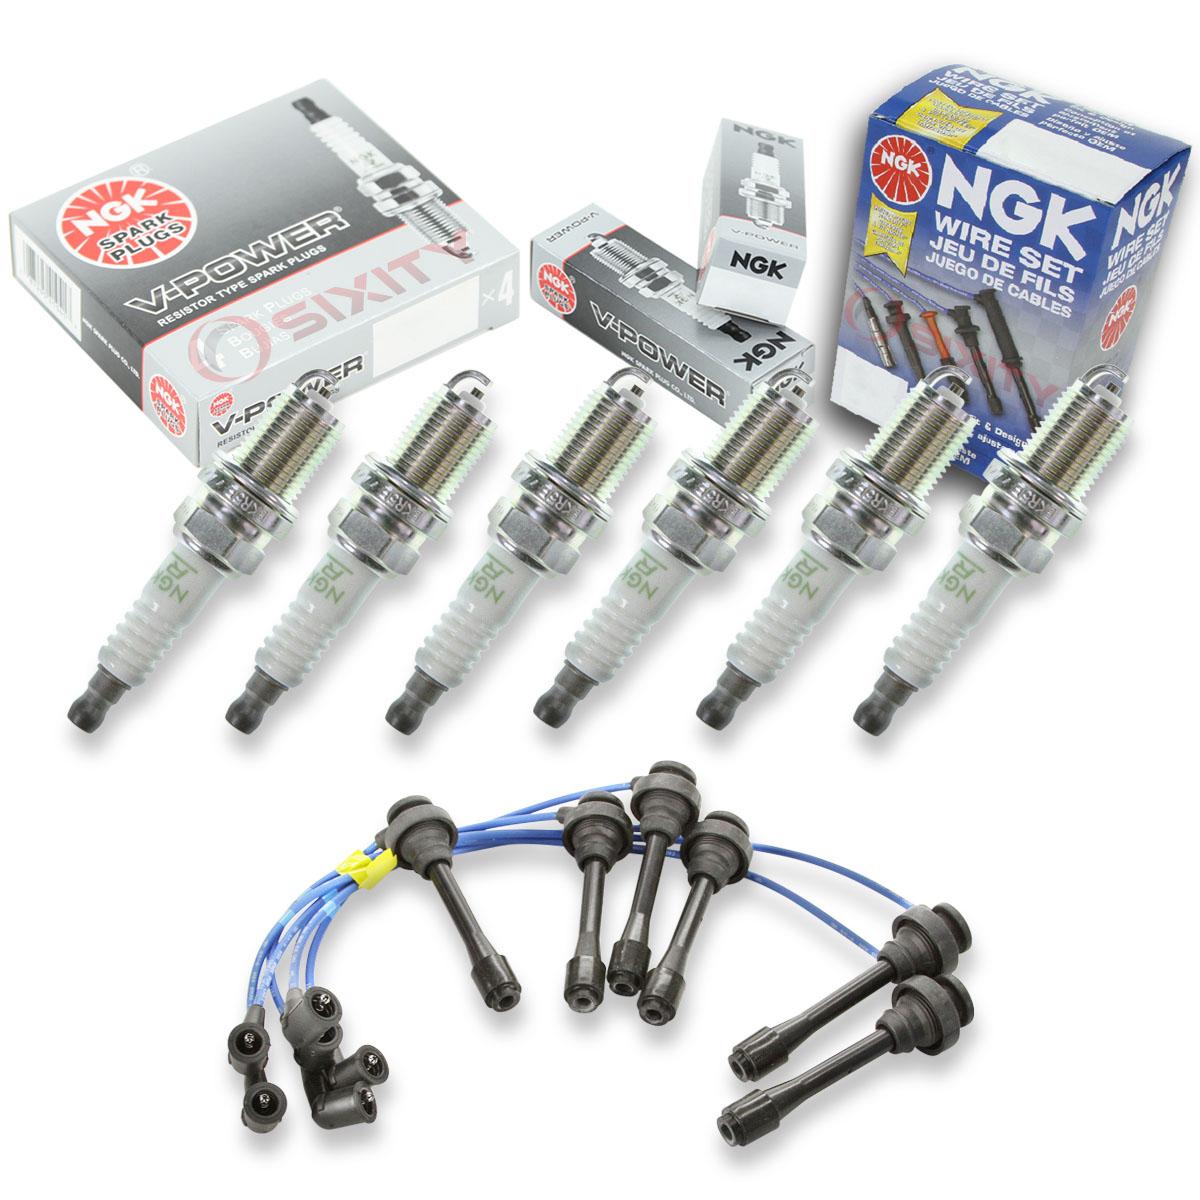 6 pcs NGK V-Power Spark Plugs for 2003-2006 Mitsubishi Montero 3.8L V6 vq